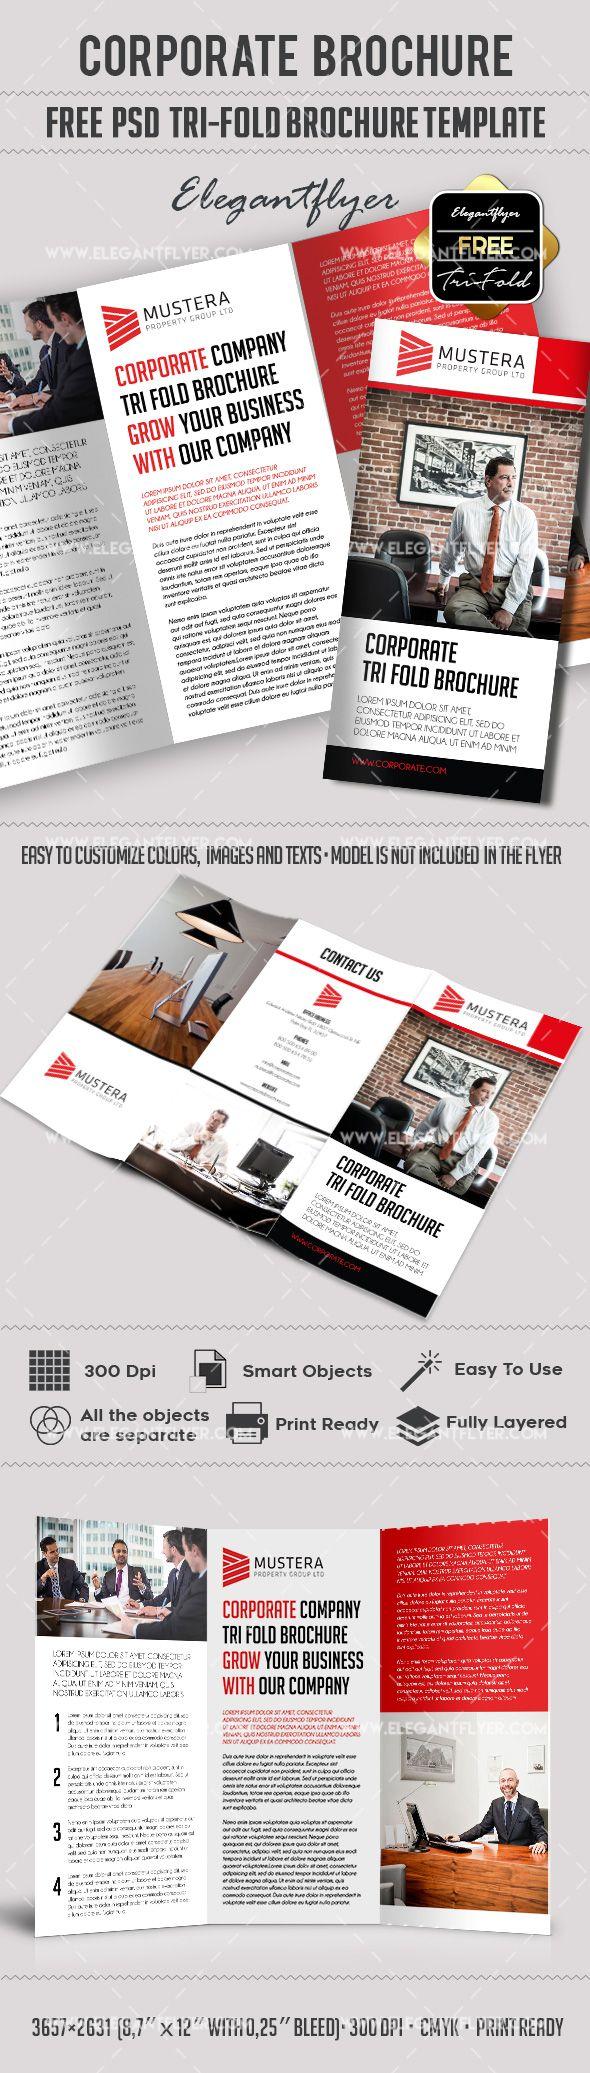 Großartig Psd Broschüre Vorlage Kostenlos Fotos - Entry Level Resume ...